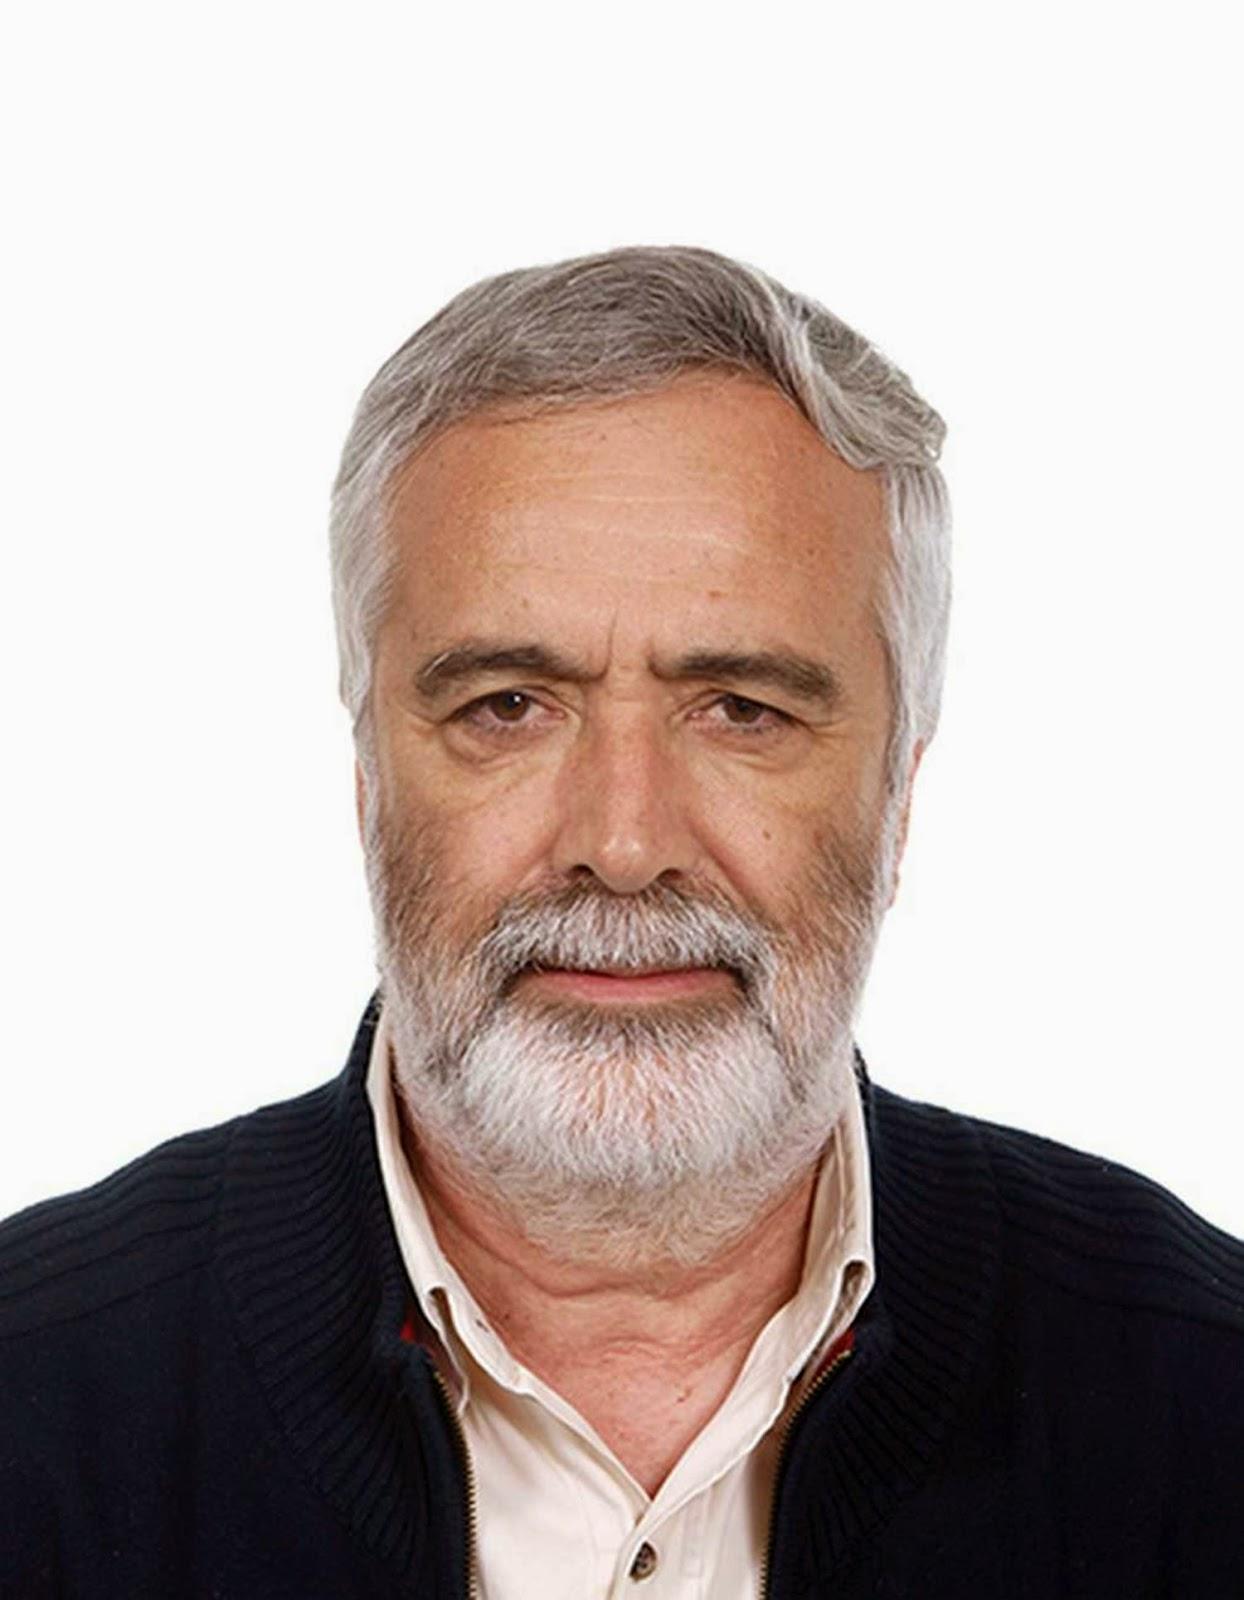 Επικεφαλής της Λαϊκής Συσπείρωσης στην Περιφέρεια Νοτίου Αιγαίου